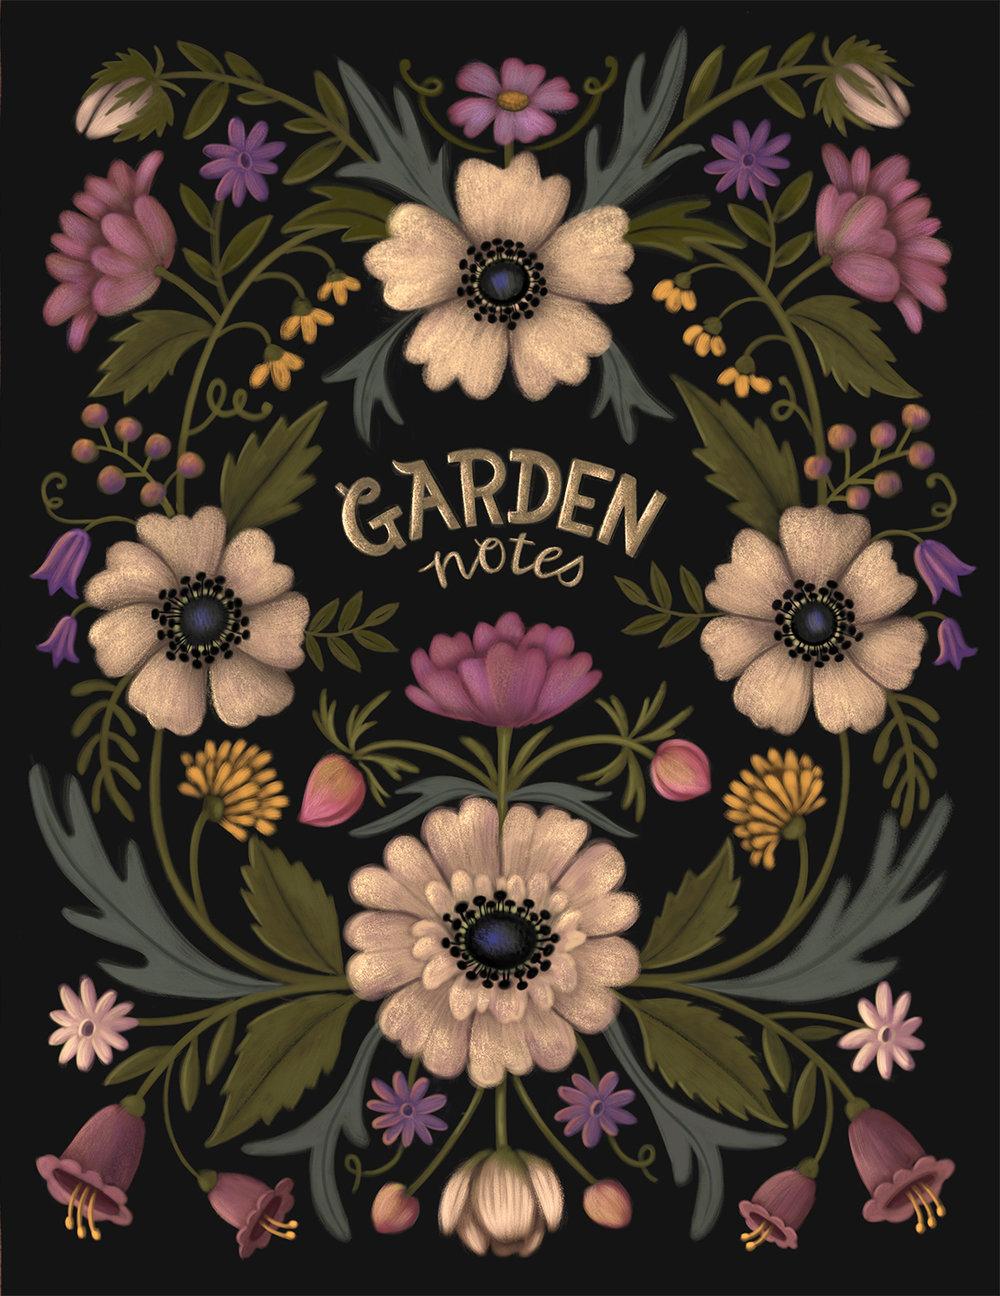 Garden Notes - Journal Cover